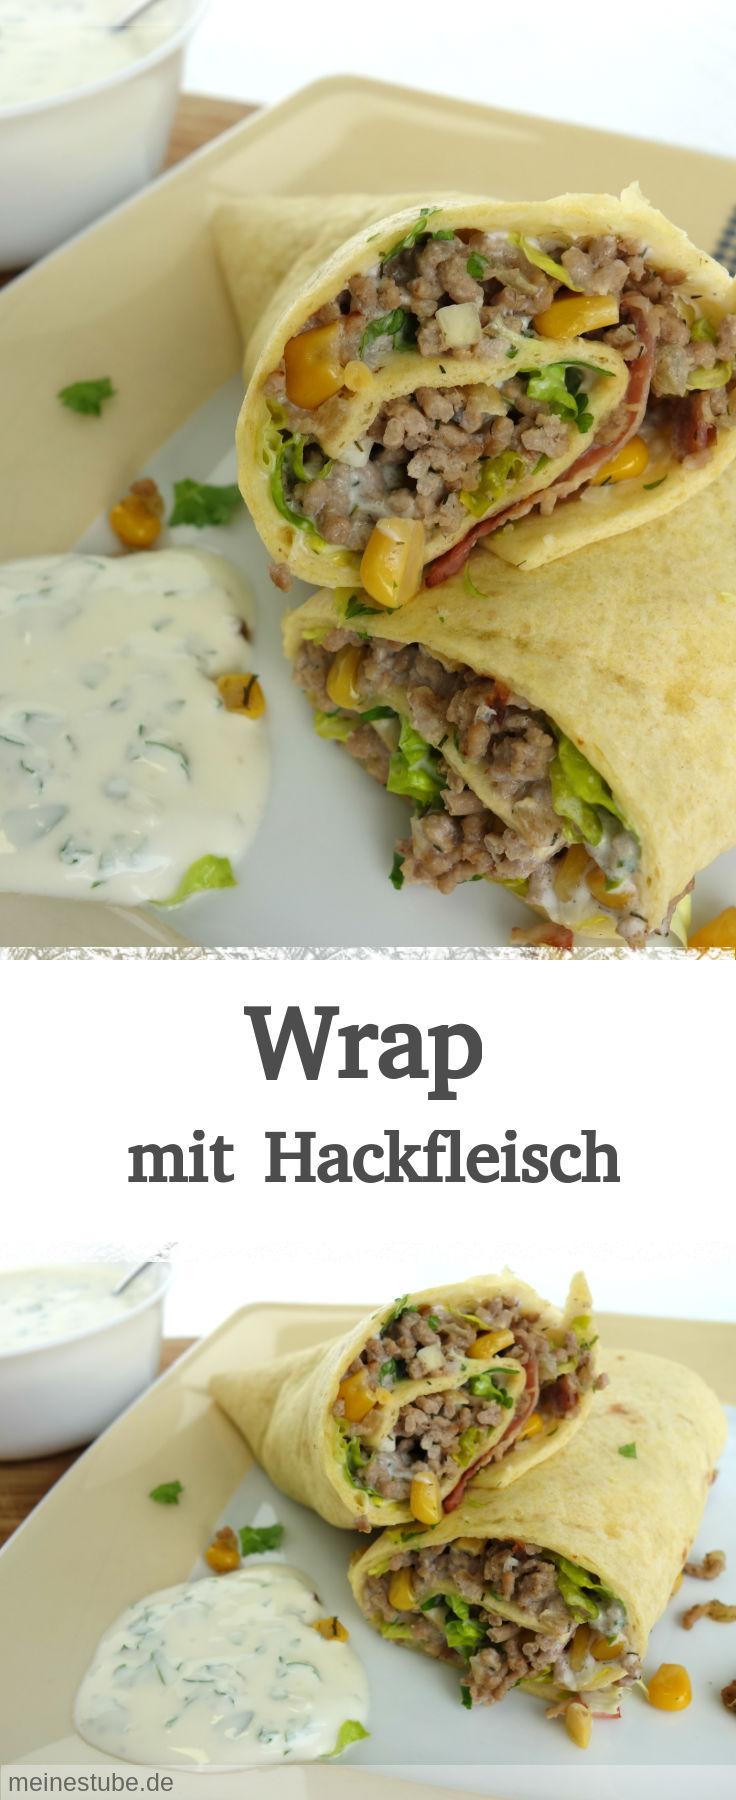 Rezept für Wrap mit Hackfleischfüllung, Salat, Speck und Mais. Dazu leckeren Knoblauch-Dip. Schmeckt der ganzen Familie. Als Snack oder zum Mittagessen.